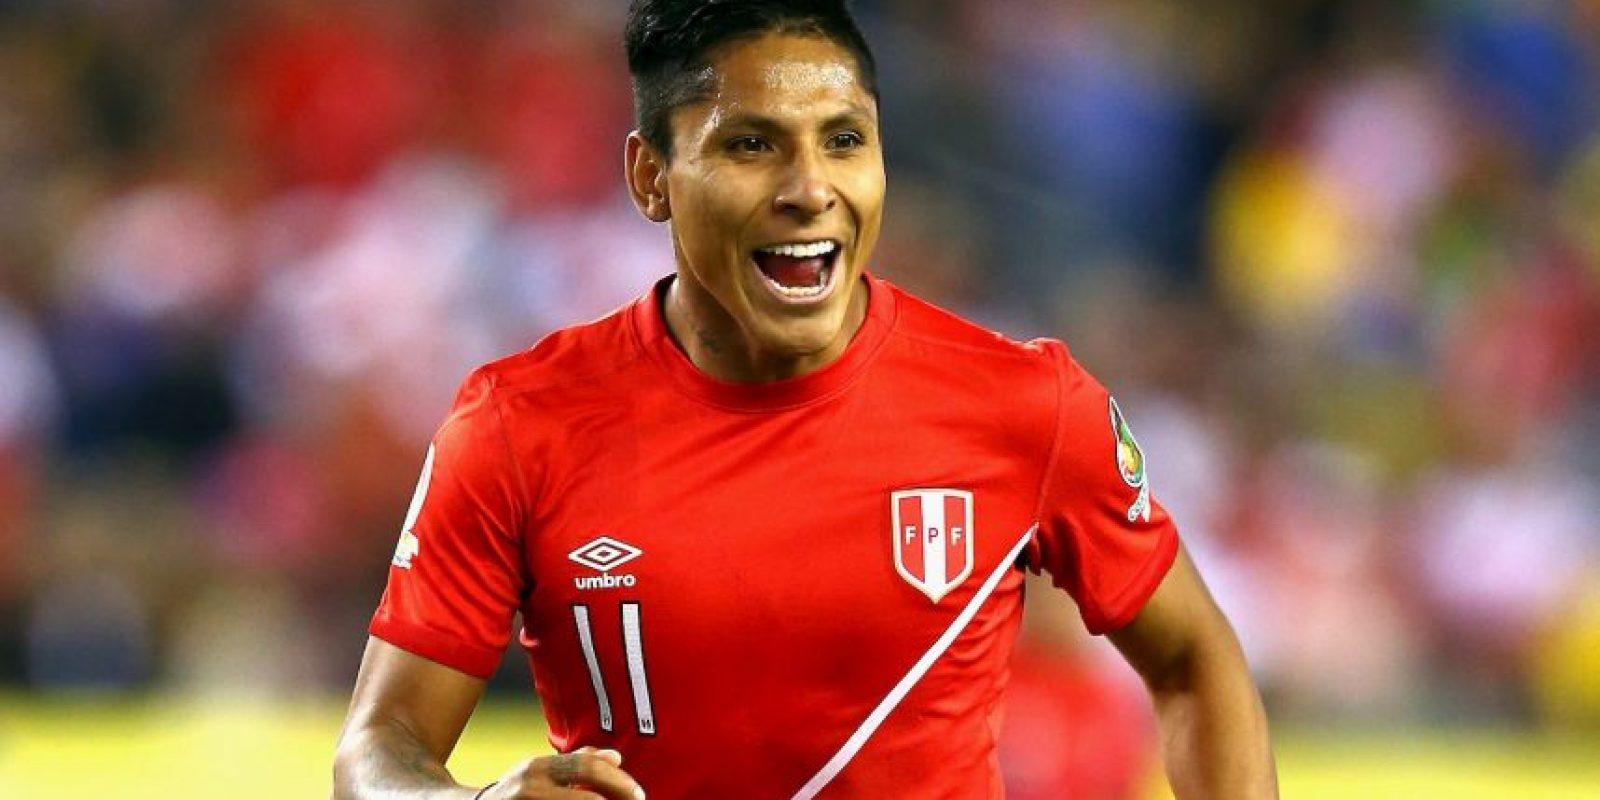 Raúl Ruidíaz protagonizó una de las grandes polémicas de la Copa América Centenario al marcar el gol que los clasificó a cuartos de final, además de eliminar a Brasil, con la mano Foto:Getty Images